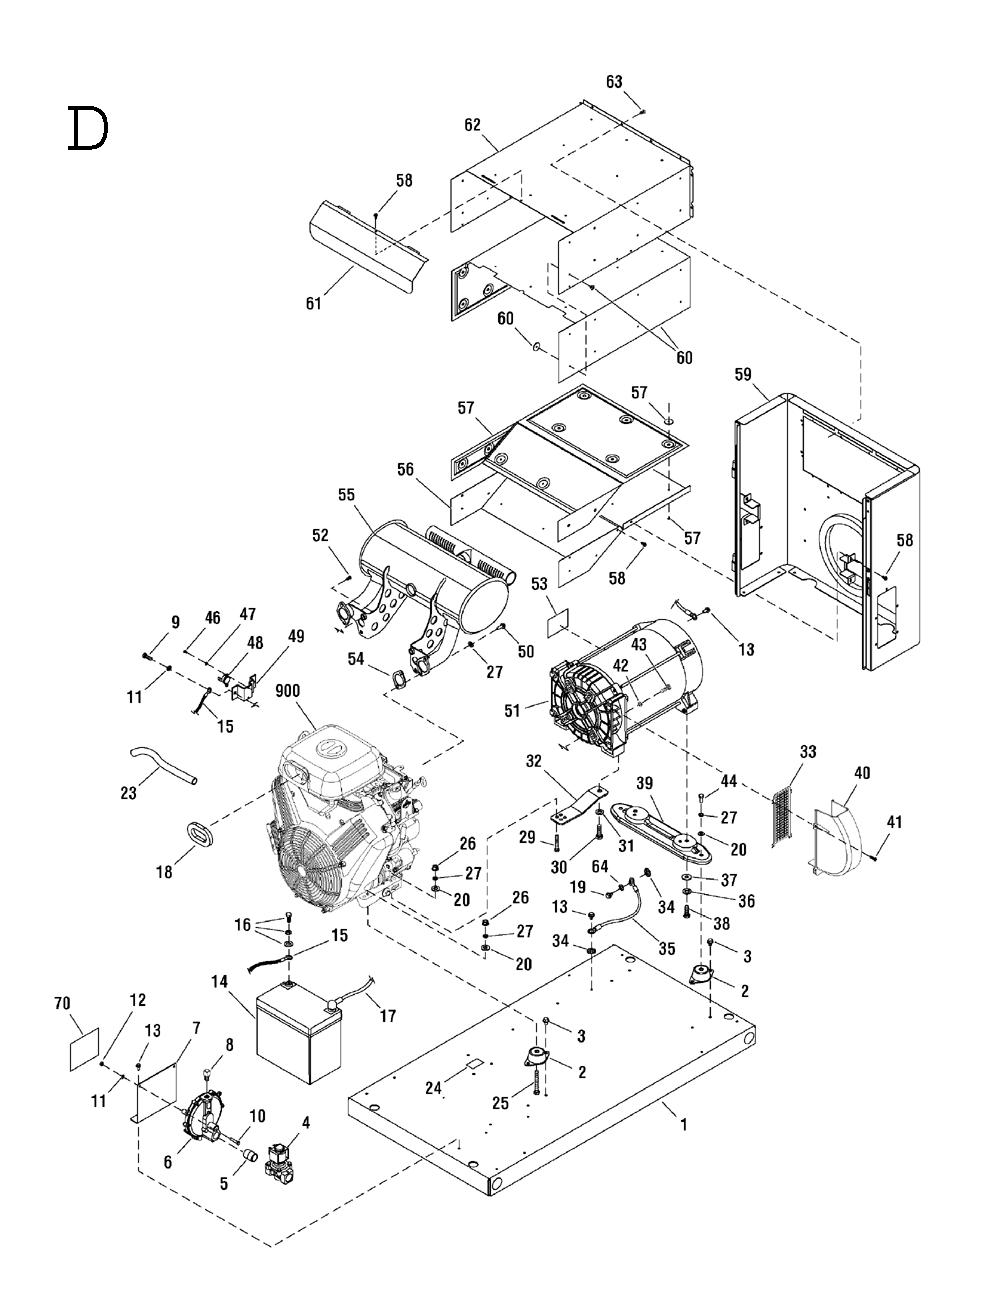 040227-0-BriggsandStratton-PB-3Break Down